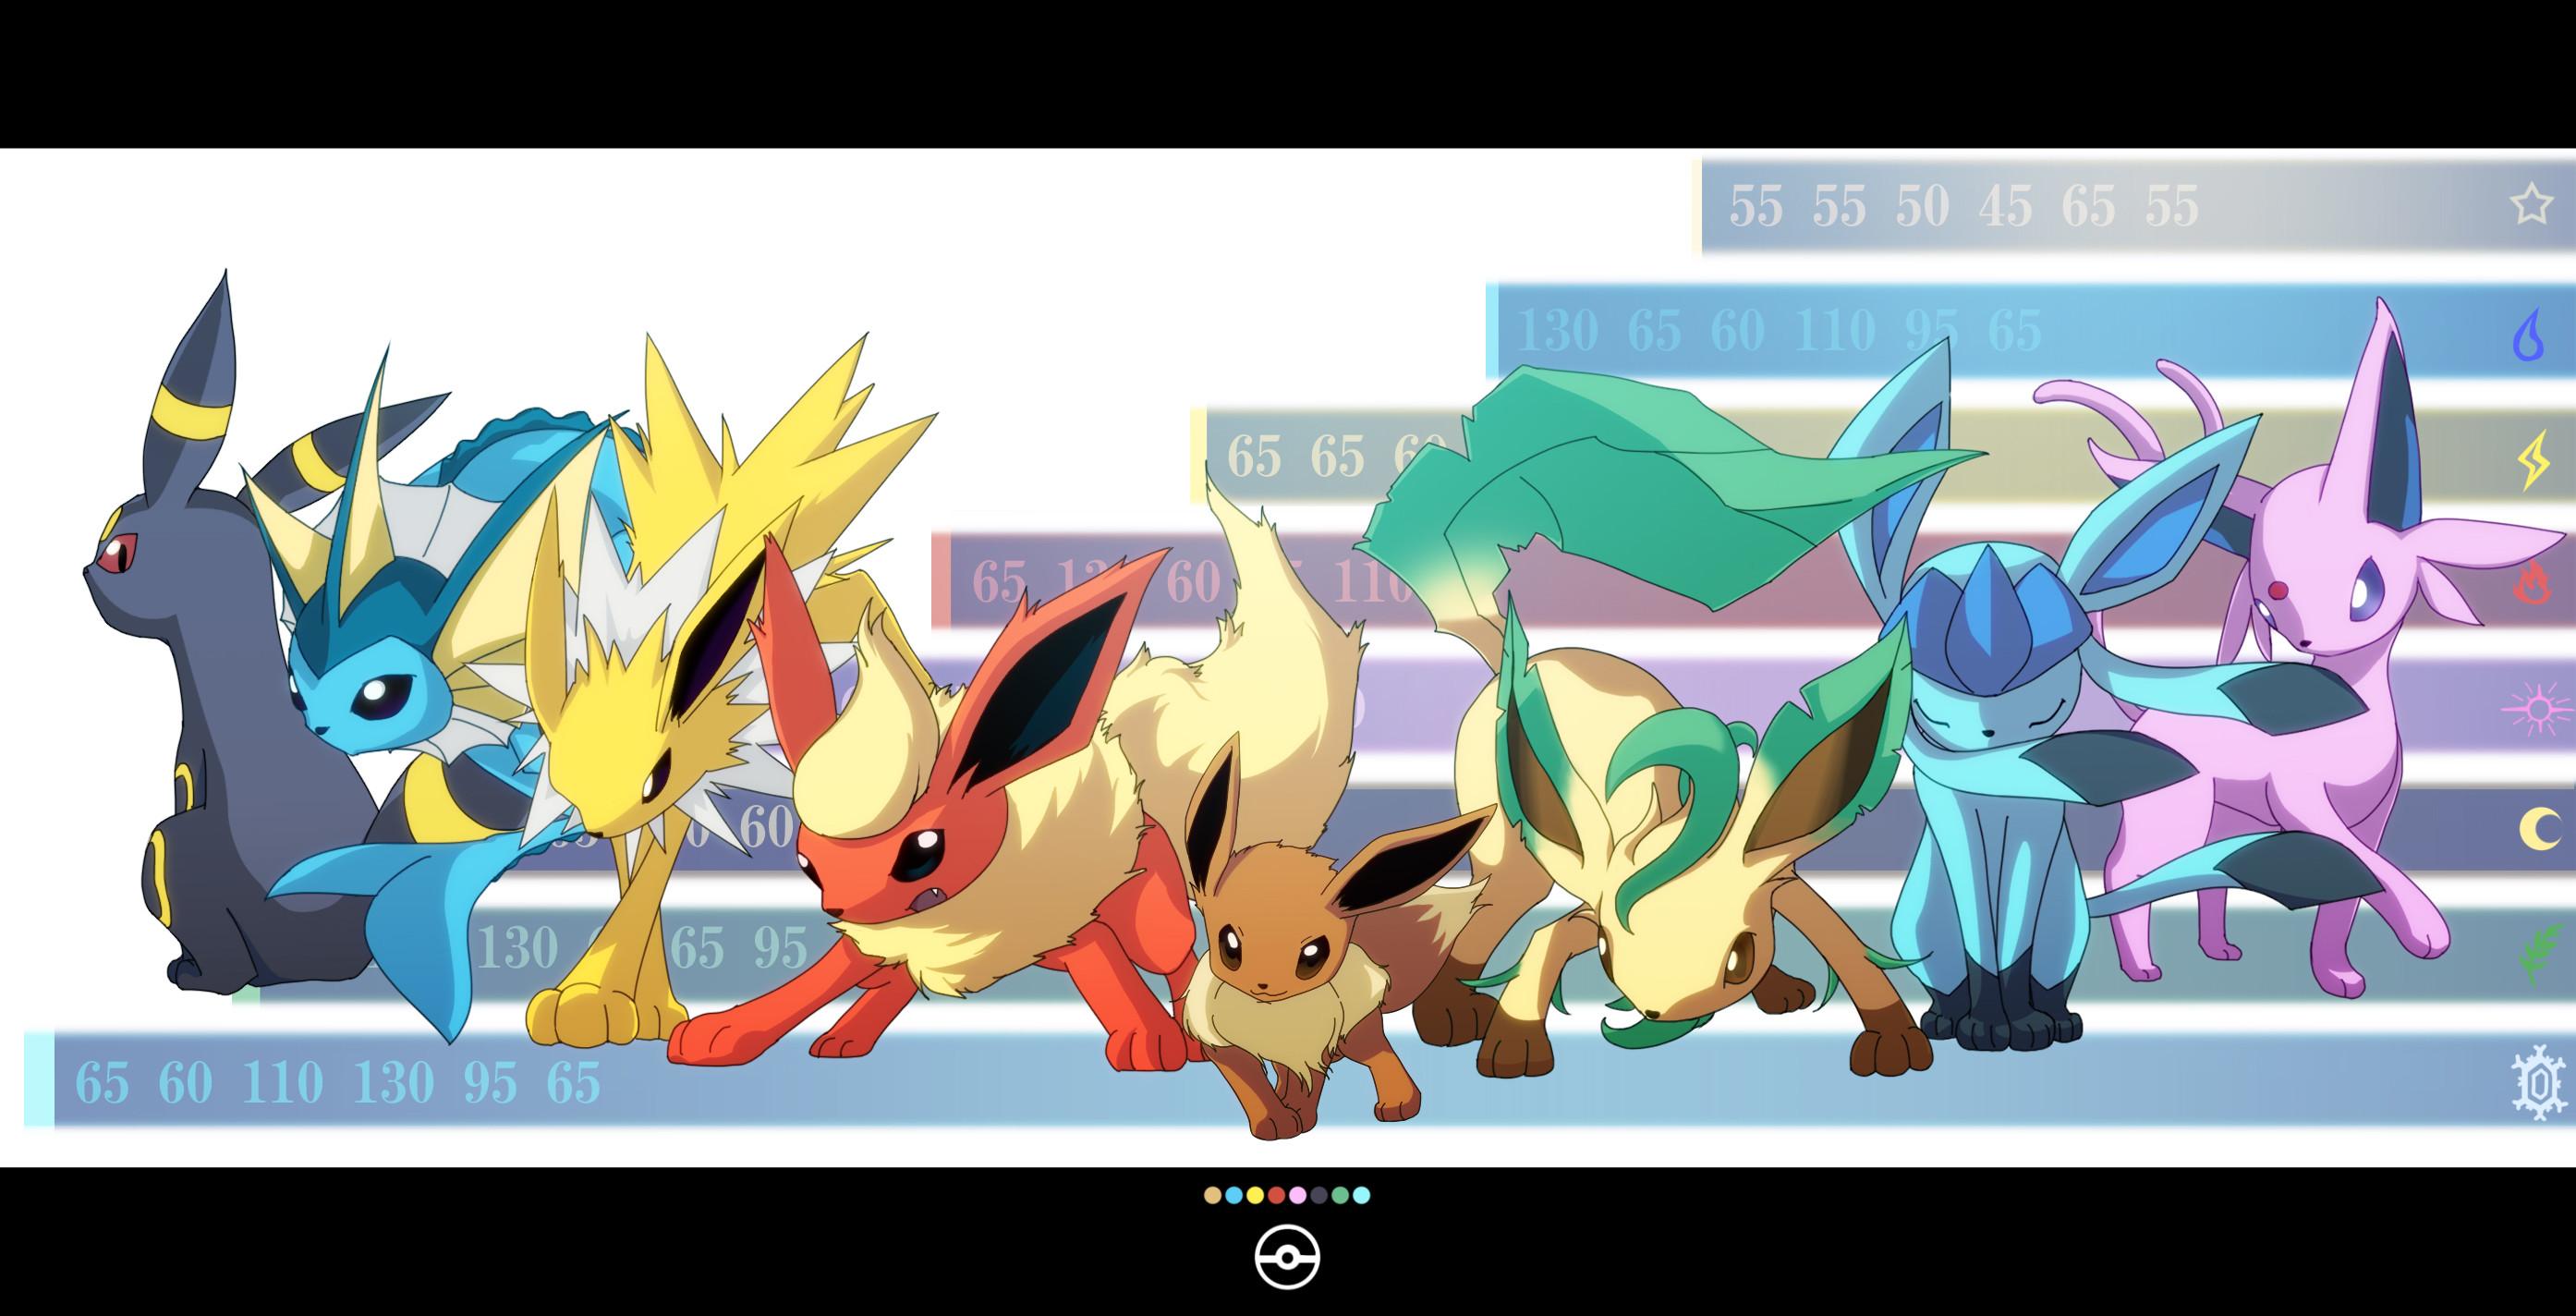 Pokemon eevee espeon flareon glaceon jolteon leafeon tagme umbreon vaporeon  wallpaper | | 89105 | WallpaperUP